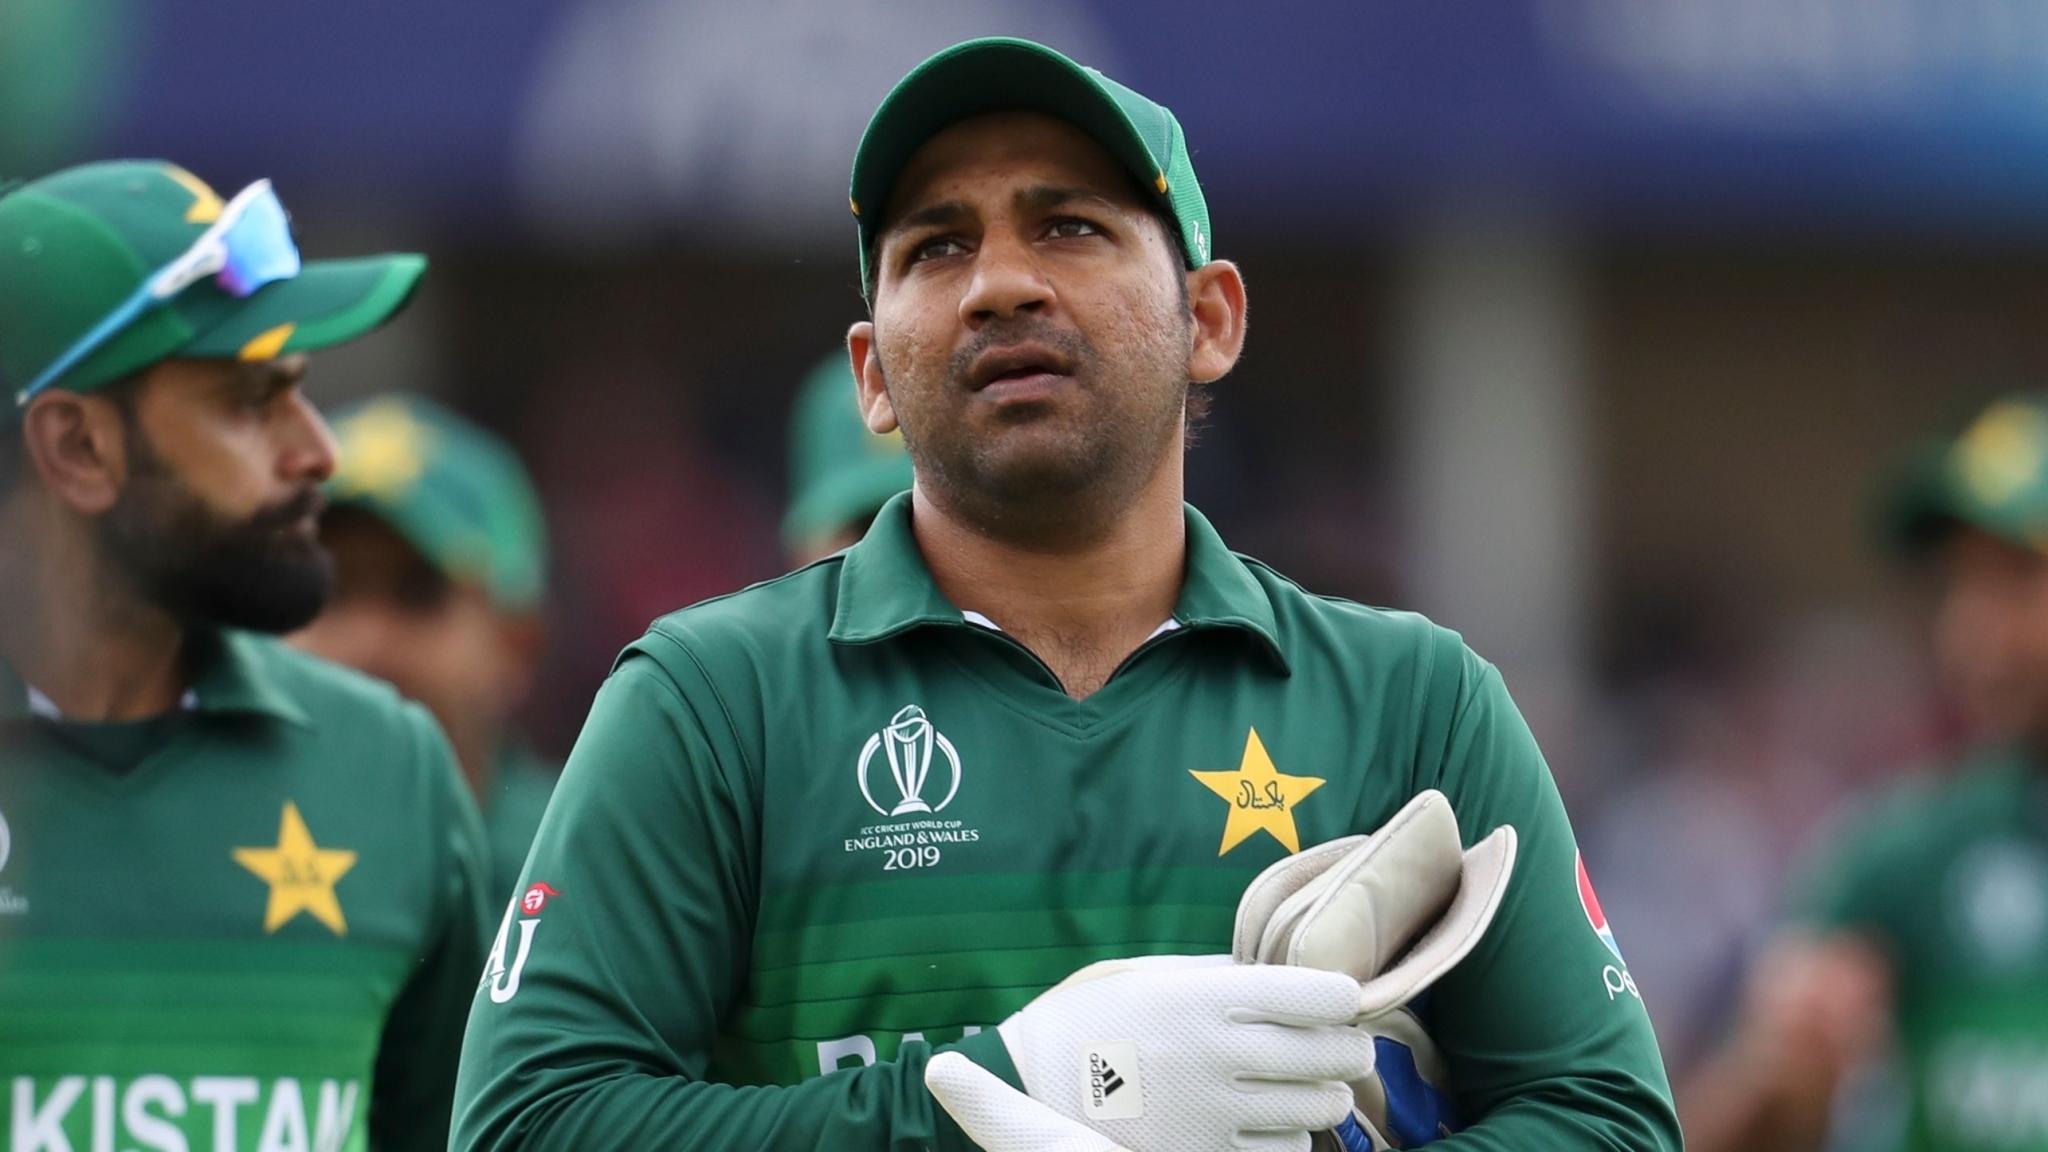 Sarfaraz Bearing Brunt of Criticism as Pakistan Flops at World Cup